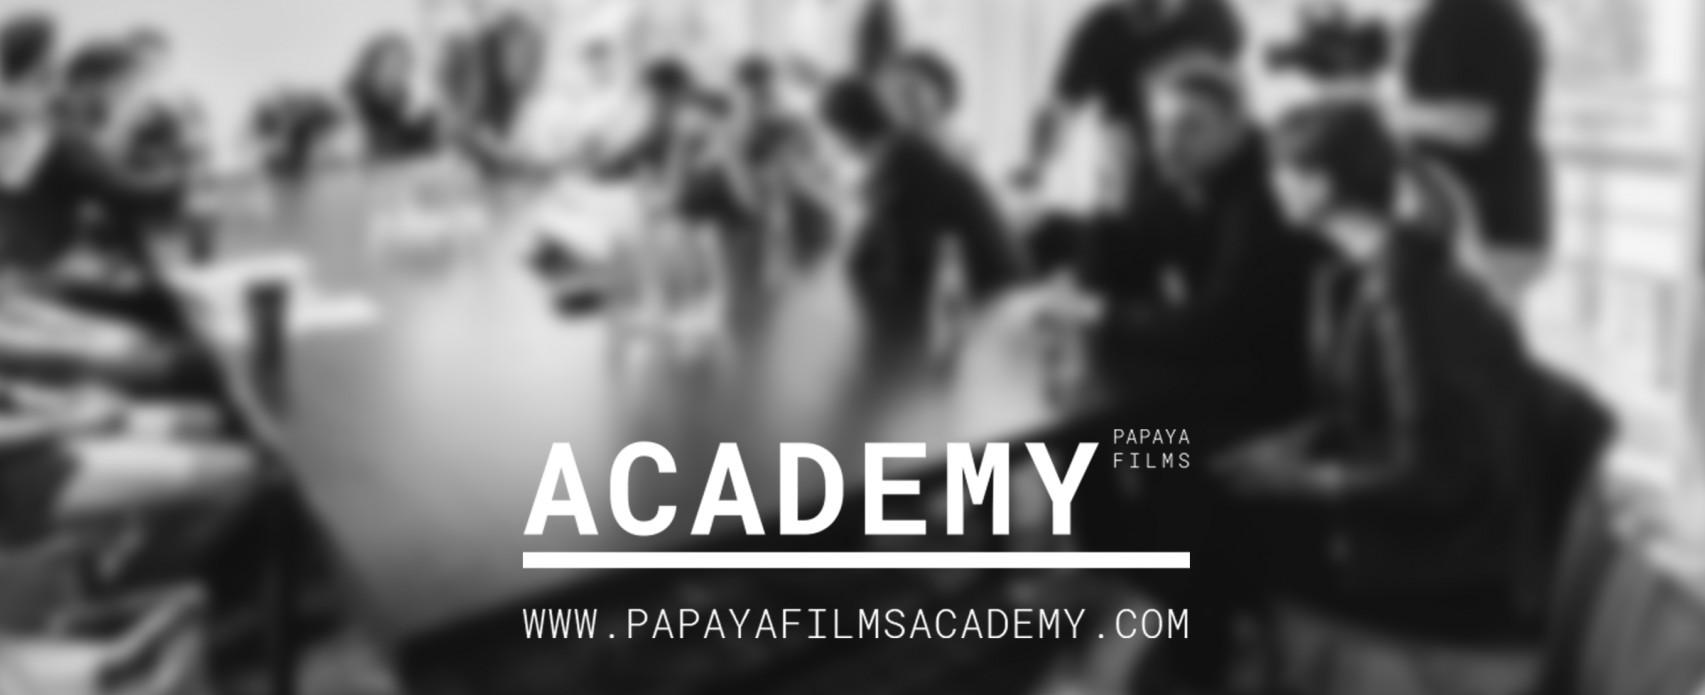 Papaya Films